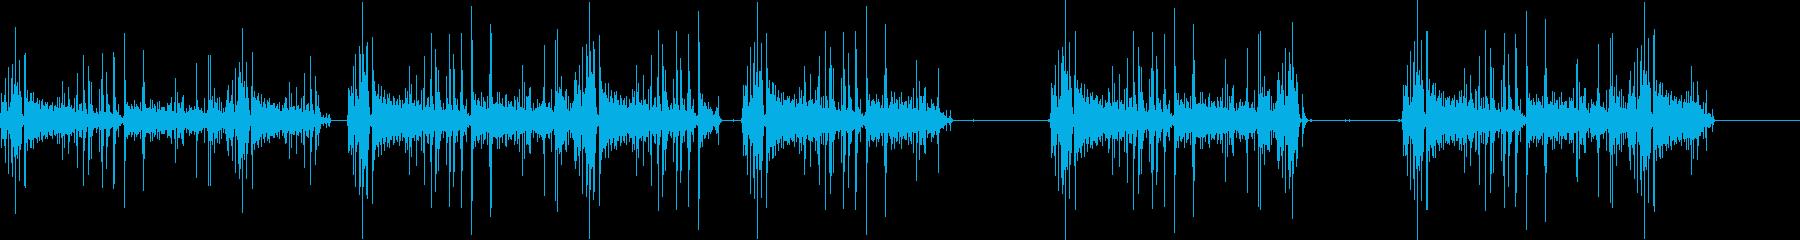 静的コンピューターの再生済みの波形